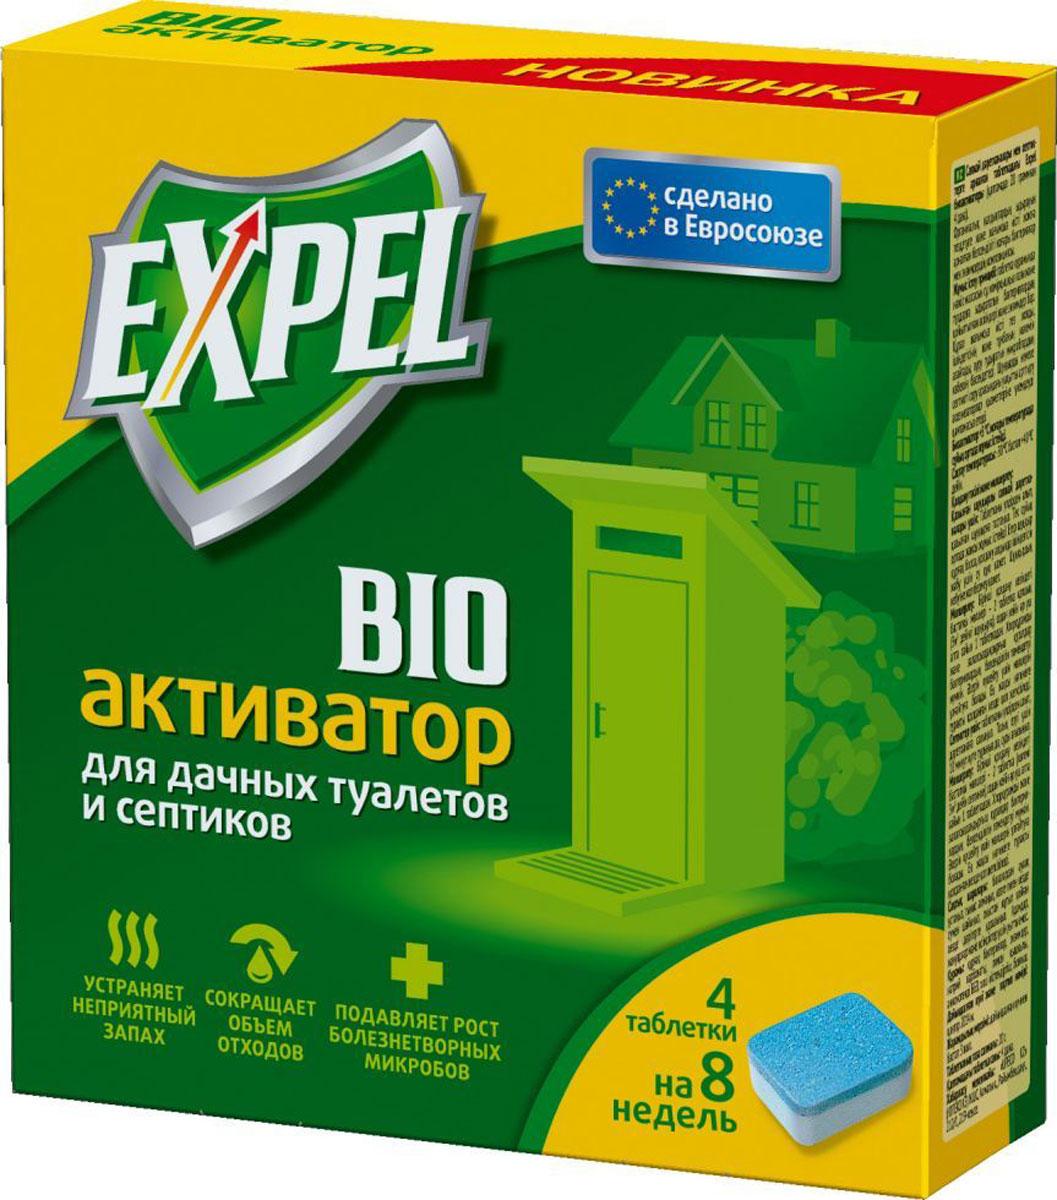 Биоактиватор Expel для дачных туалетов и септиков, 4 таблеткиTT0003Биоактиватор Expel содержит концентрированные культуры бактерий. Которые разлагают фекальные массы на воду, углекислый газ и соли. Средство устраняет неприятный запах, уменьшает объем содержимого и осадка, подавляет рост болезнетворных микробов. Увеличение интервалов между откачками ямы или септика обеспечивает экономию на услугах ассенизатозоров. Способ применения: Для дачных туалетов с выгребной ямой: извлечь таблетку из пленки и бросить в выгребную яму. Биоактиватор эффективно работает только в жидкой среде. Если яма обезвожена, необходимо добавить воды для покрытия содержимого. Не допускать высыхания ямы. Для септиков: извлечь таблетку из пленки и бросить в унитаз. Подождать 10 минут для полного растворения и спустить воду. Дозировка: стартовая доза при первом применении - 2 таблетки (на яму или септик до 3 м3), затем по 1 таблетке каждые 2 недели. Уважаемые клиенты! Обращаем ваше внимание на возможные изменения в дизайне упаковки....